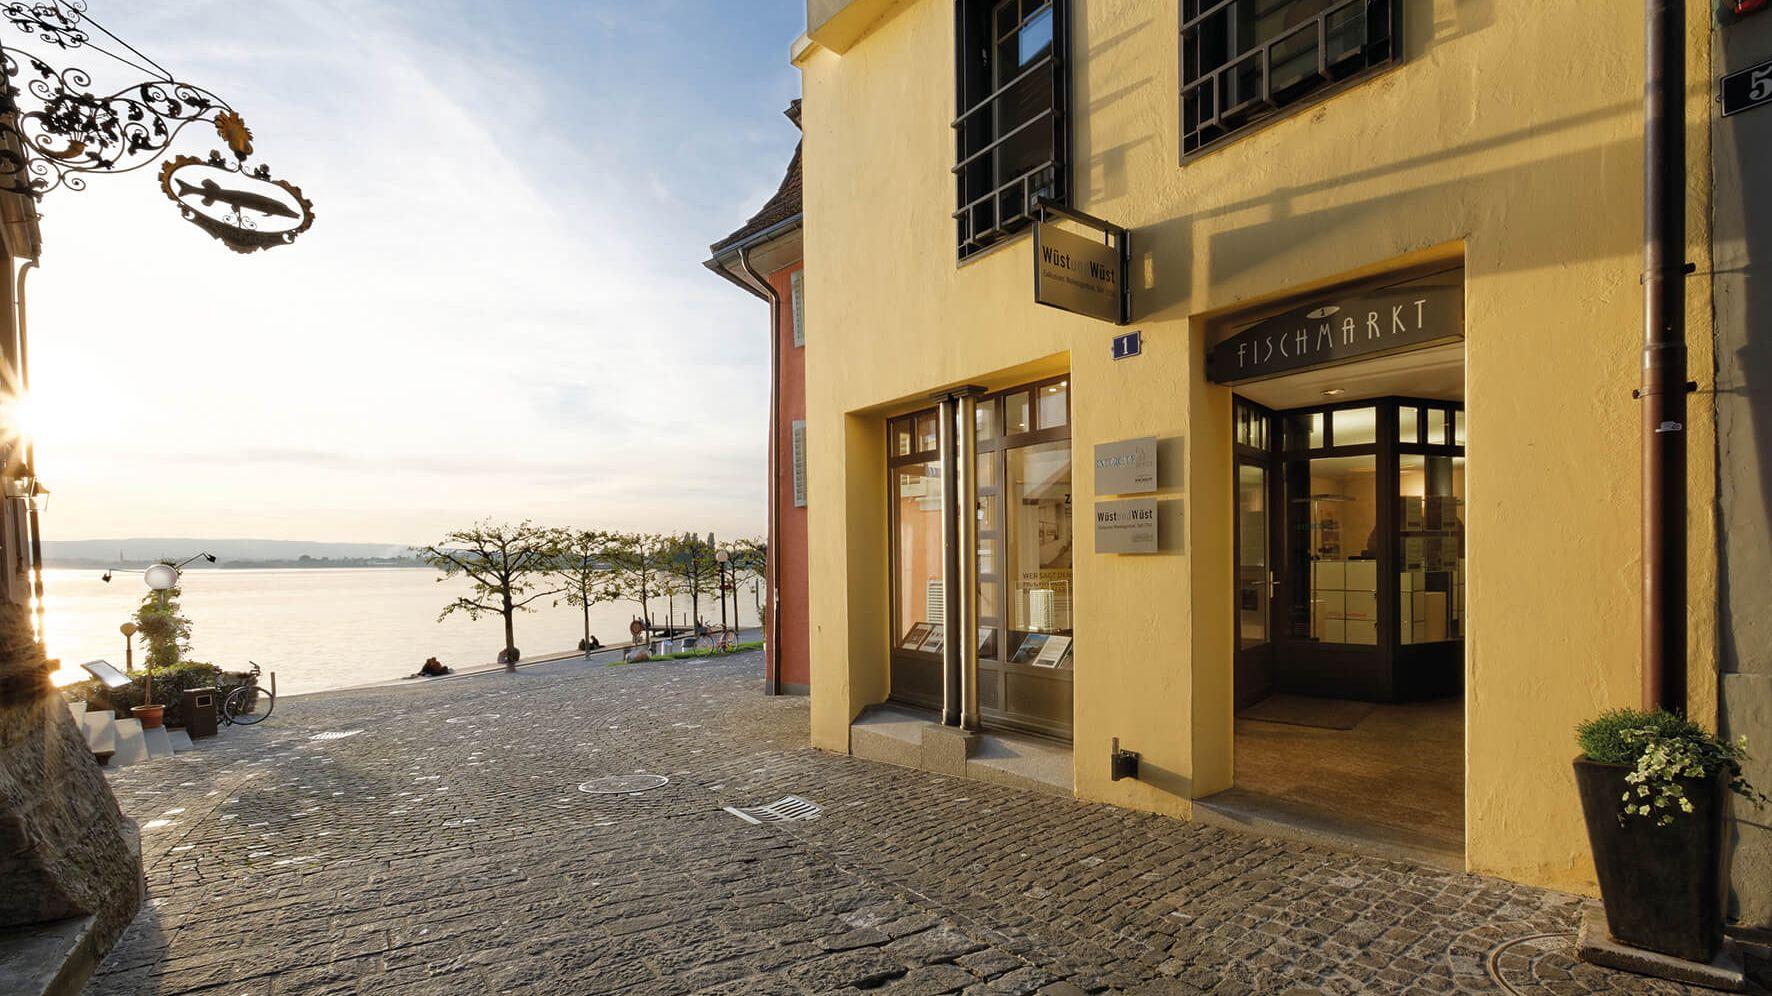 Real estate management in z rich basel luzern for Fischmarkt zug